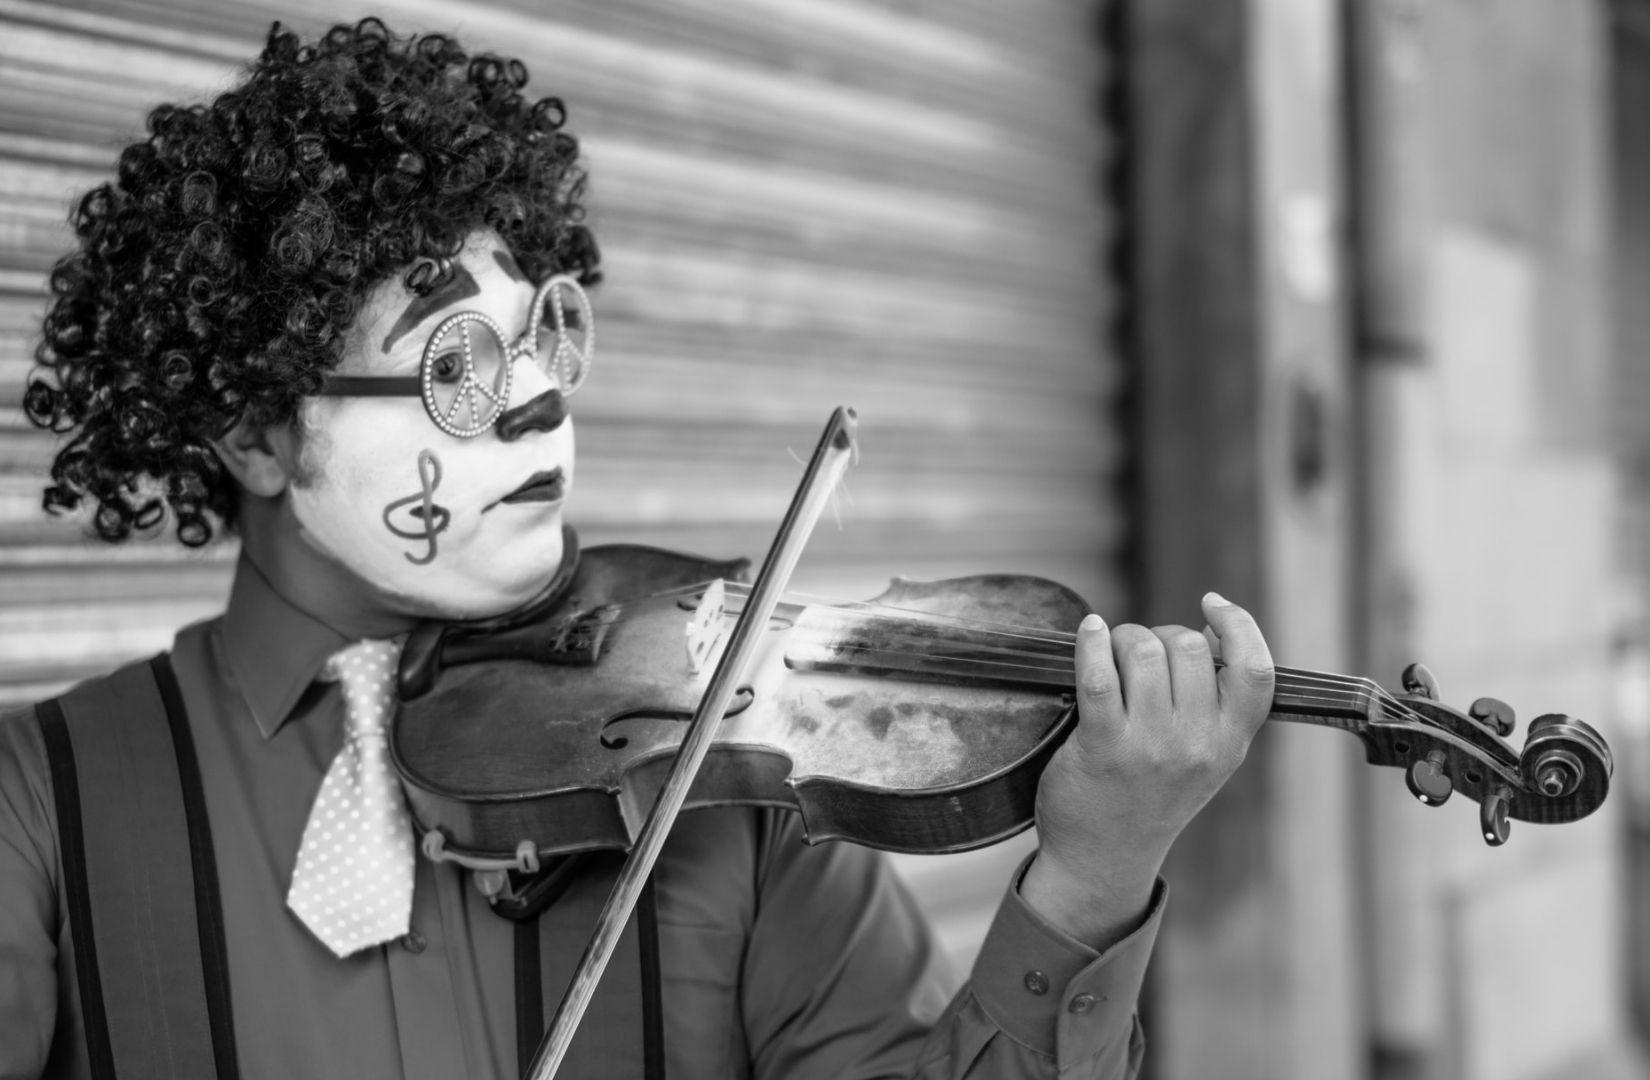 Der Entertainer ist ein Archetyp in der STAB-Analyse. (Foto: Uriel Soberanes, Unsplash.com)